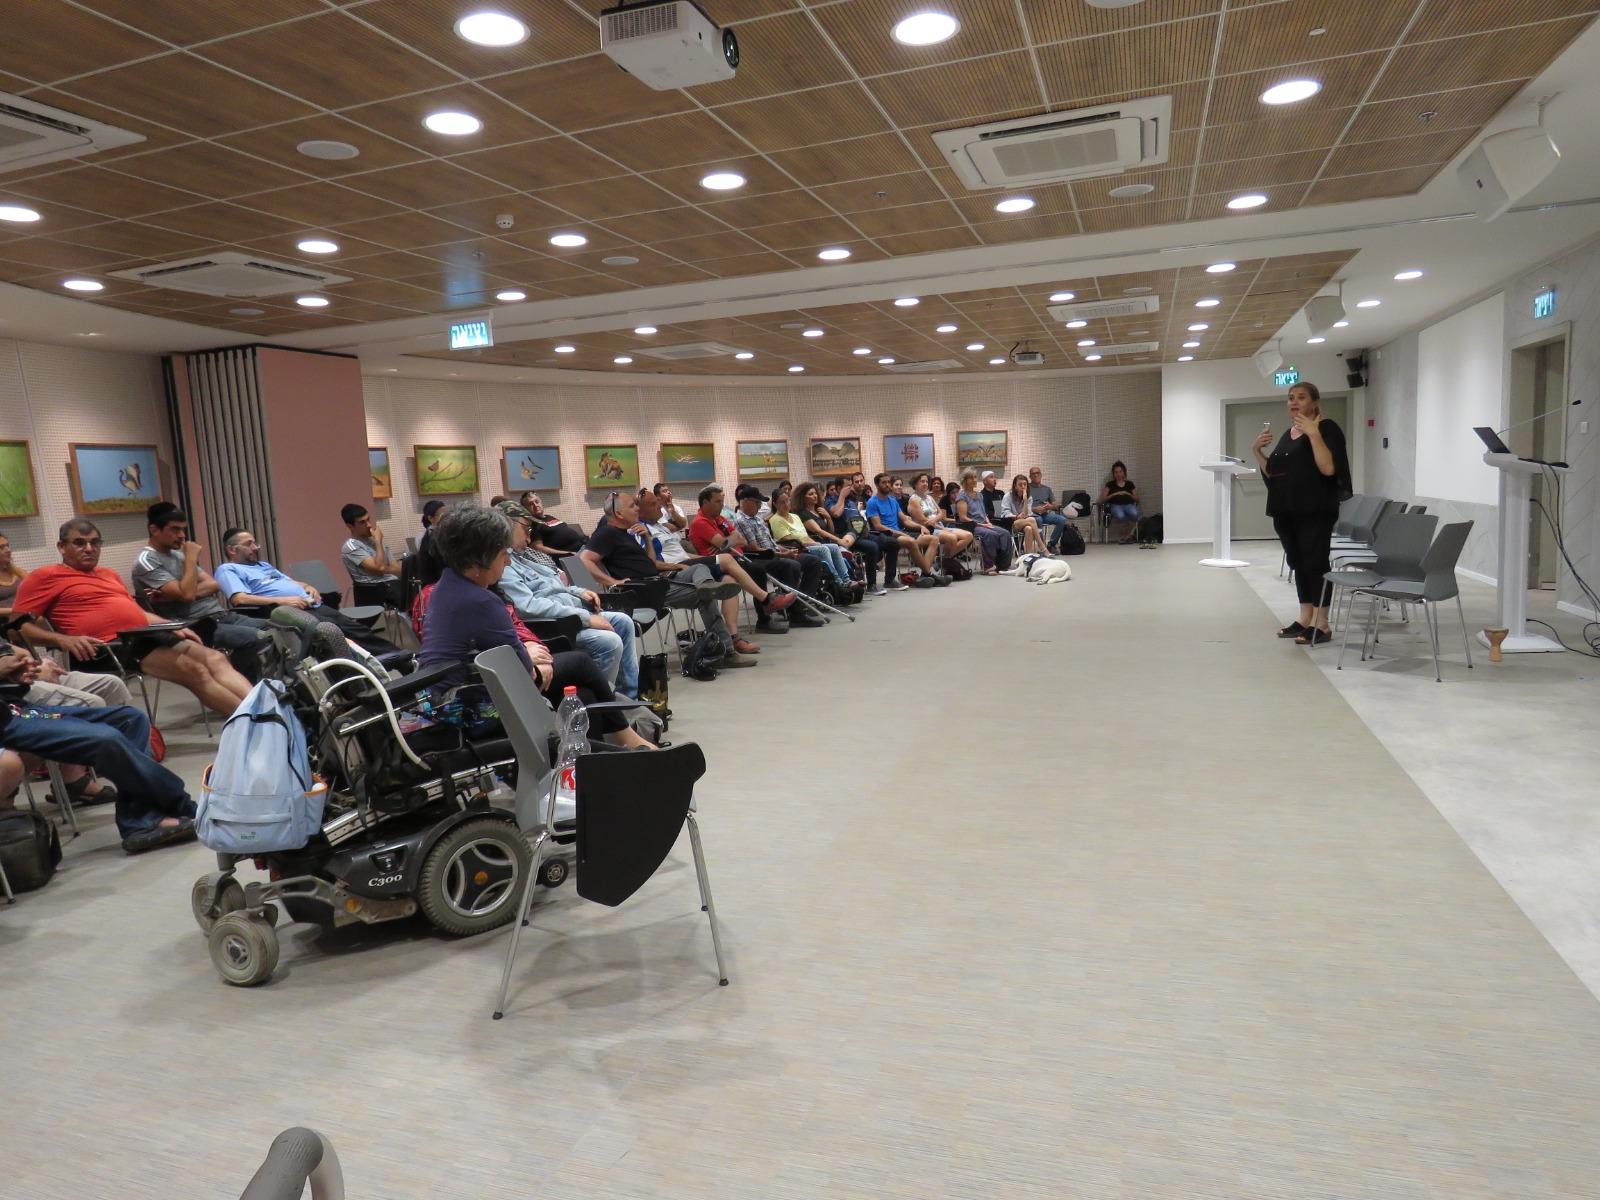 אירוע פתיחת הקיץ של המרחב לחיים עצמאיים בגליל באגמון החולה